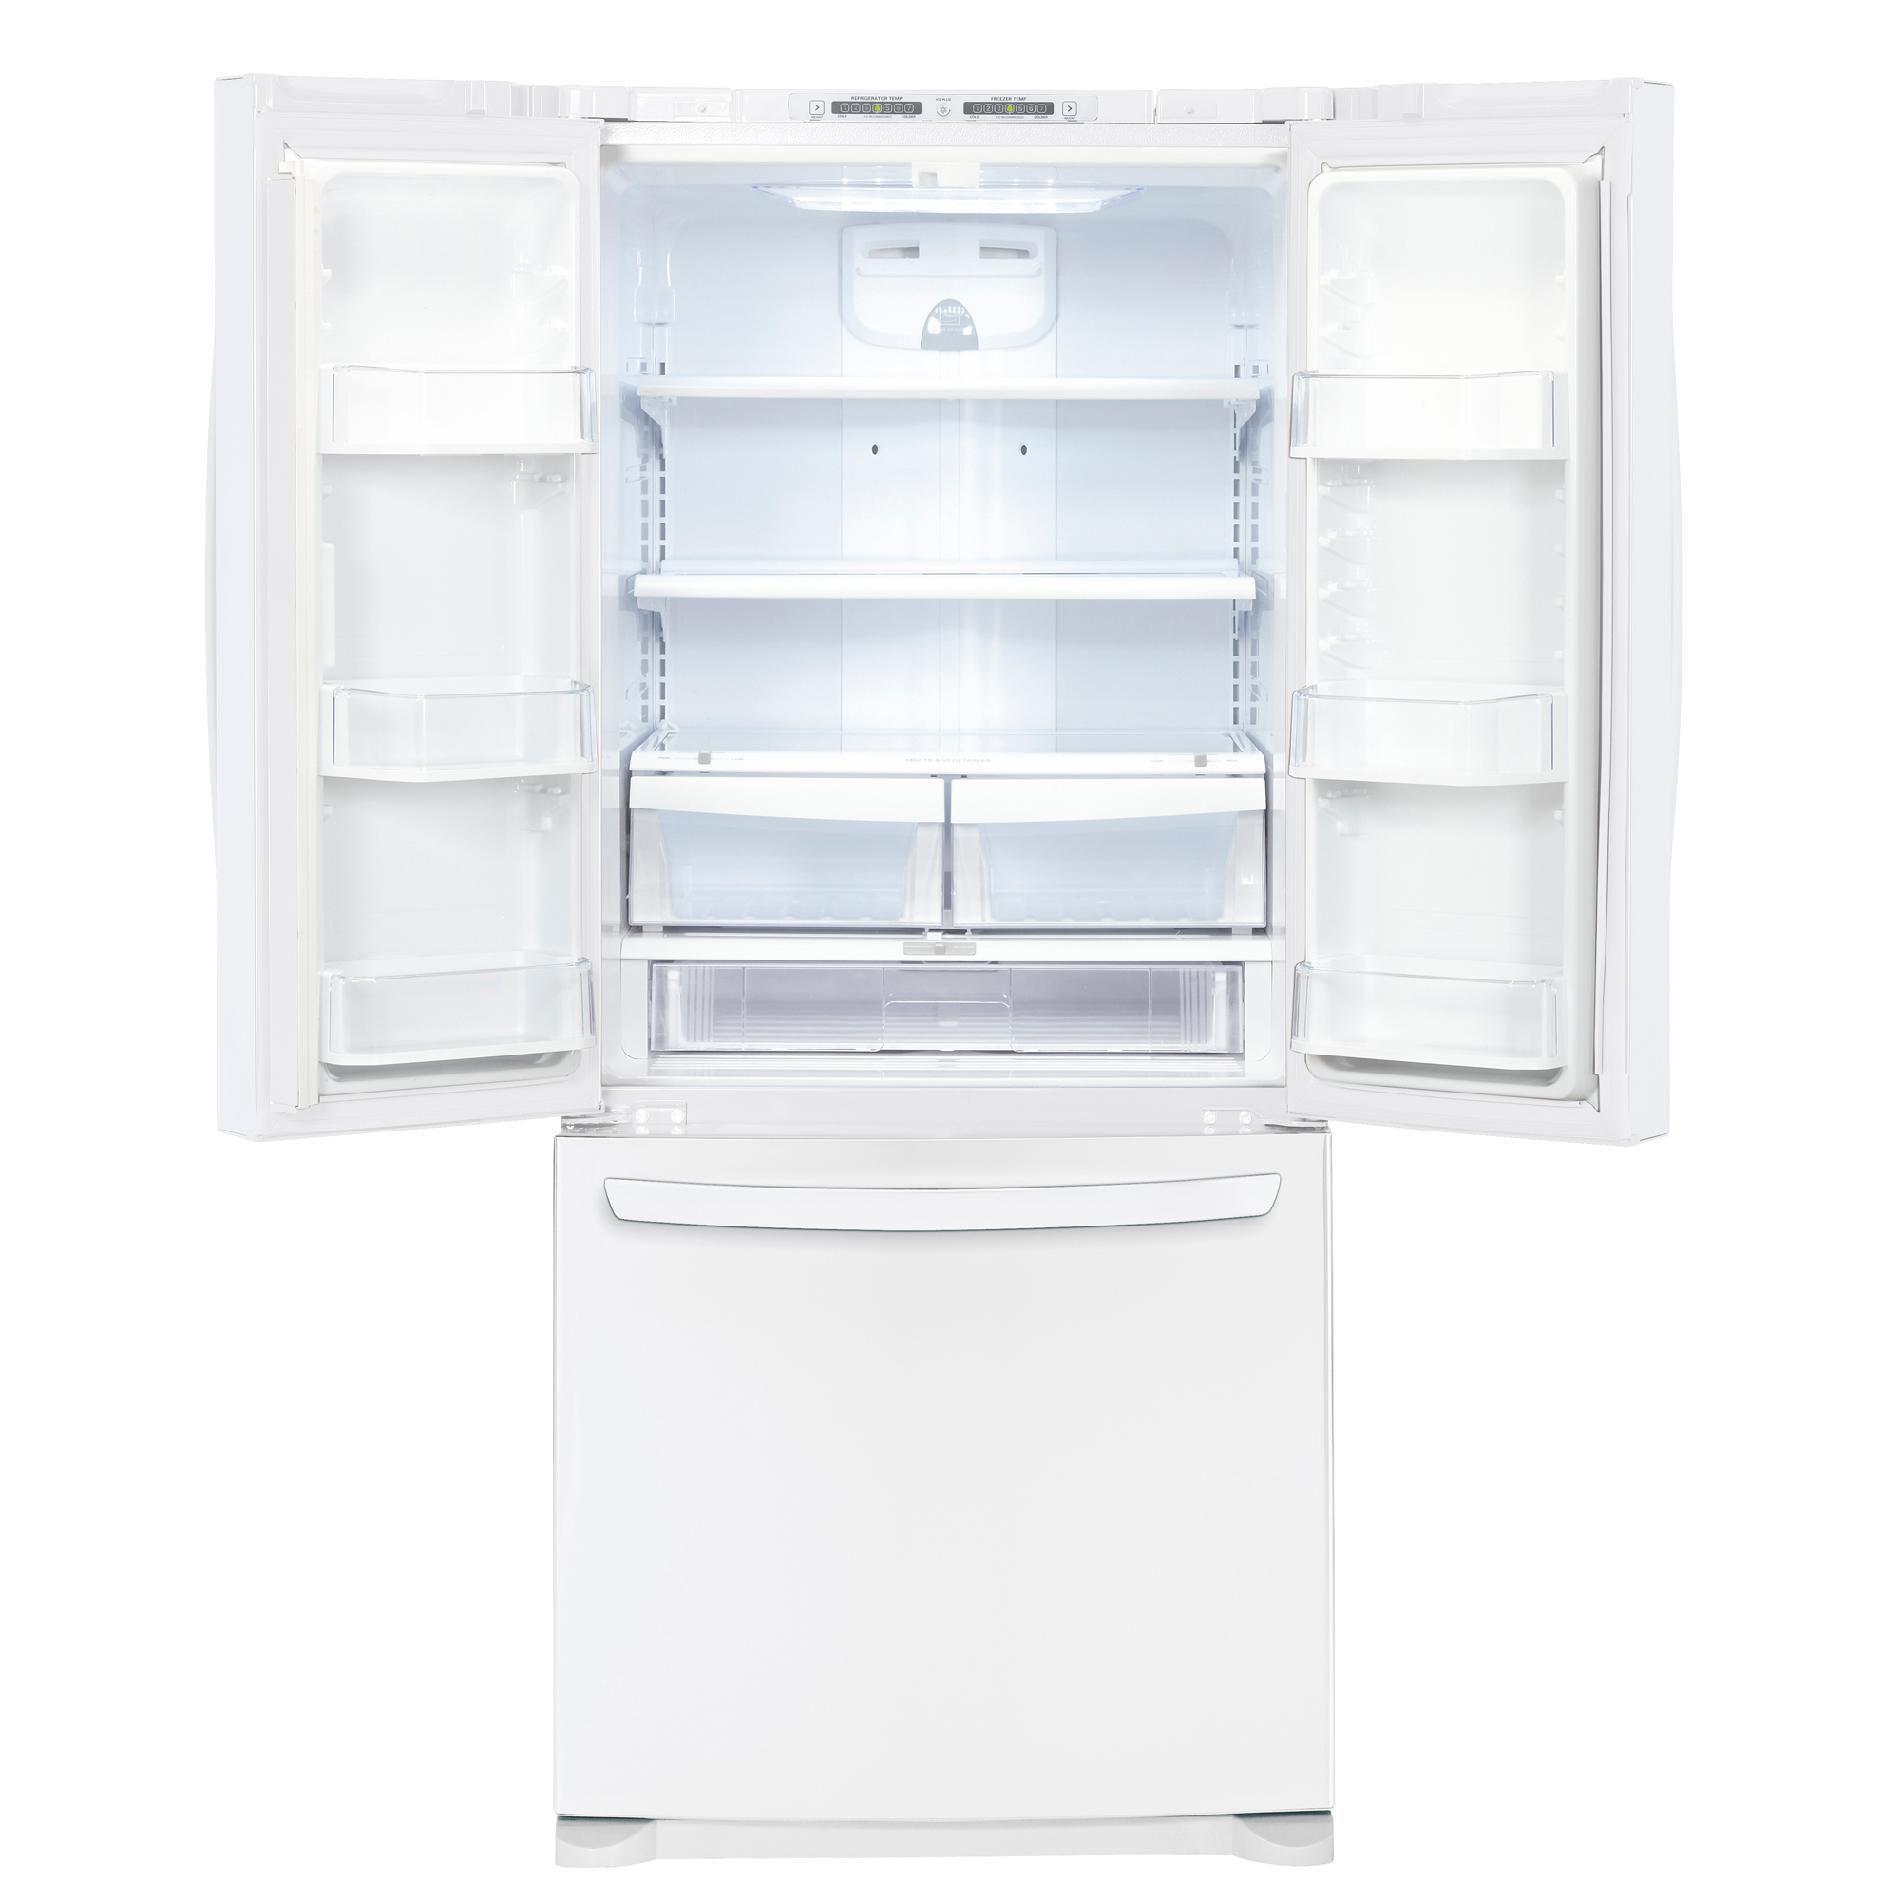 LG 19.7 cu. ft. French-Door Bottom-Freezer Refrigerator, White (LFC20770SW)